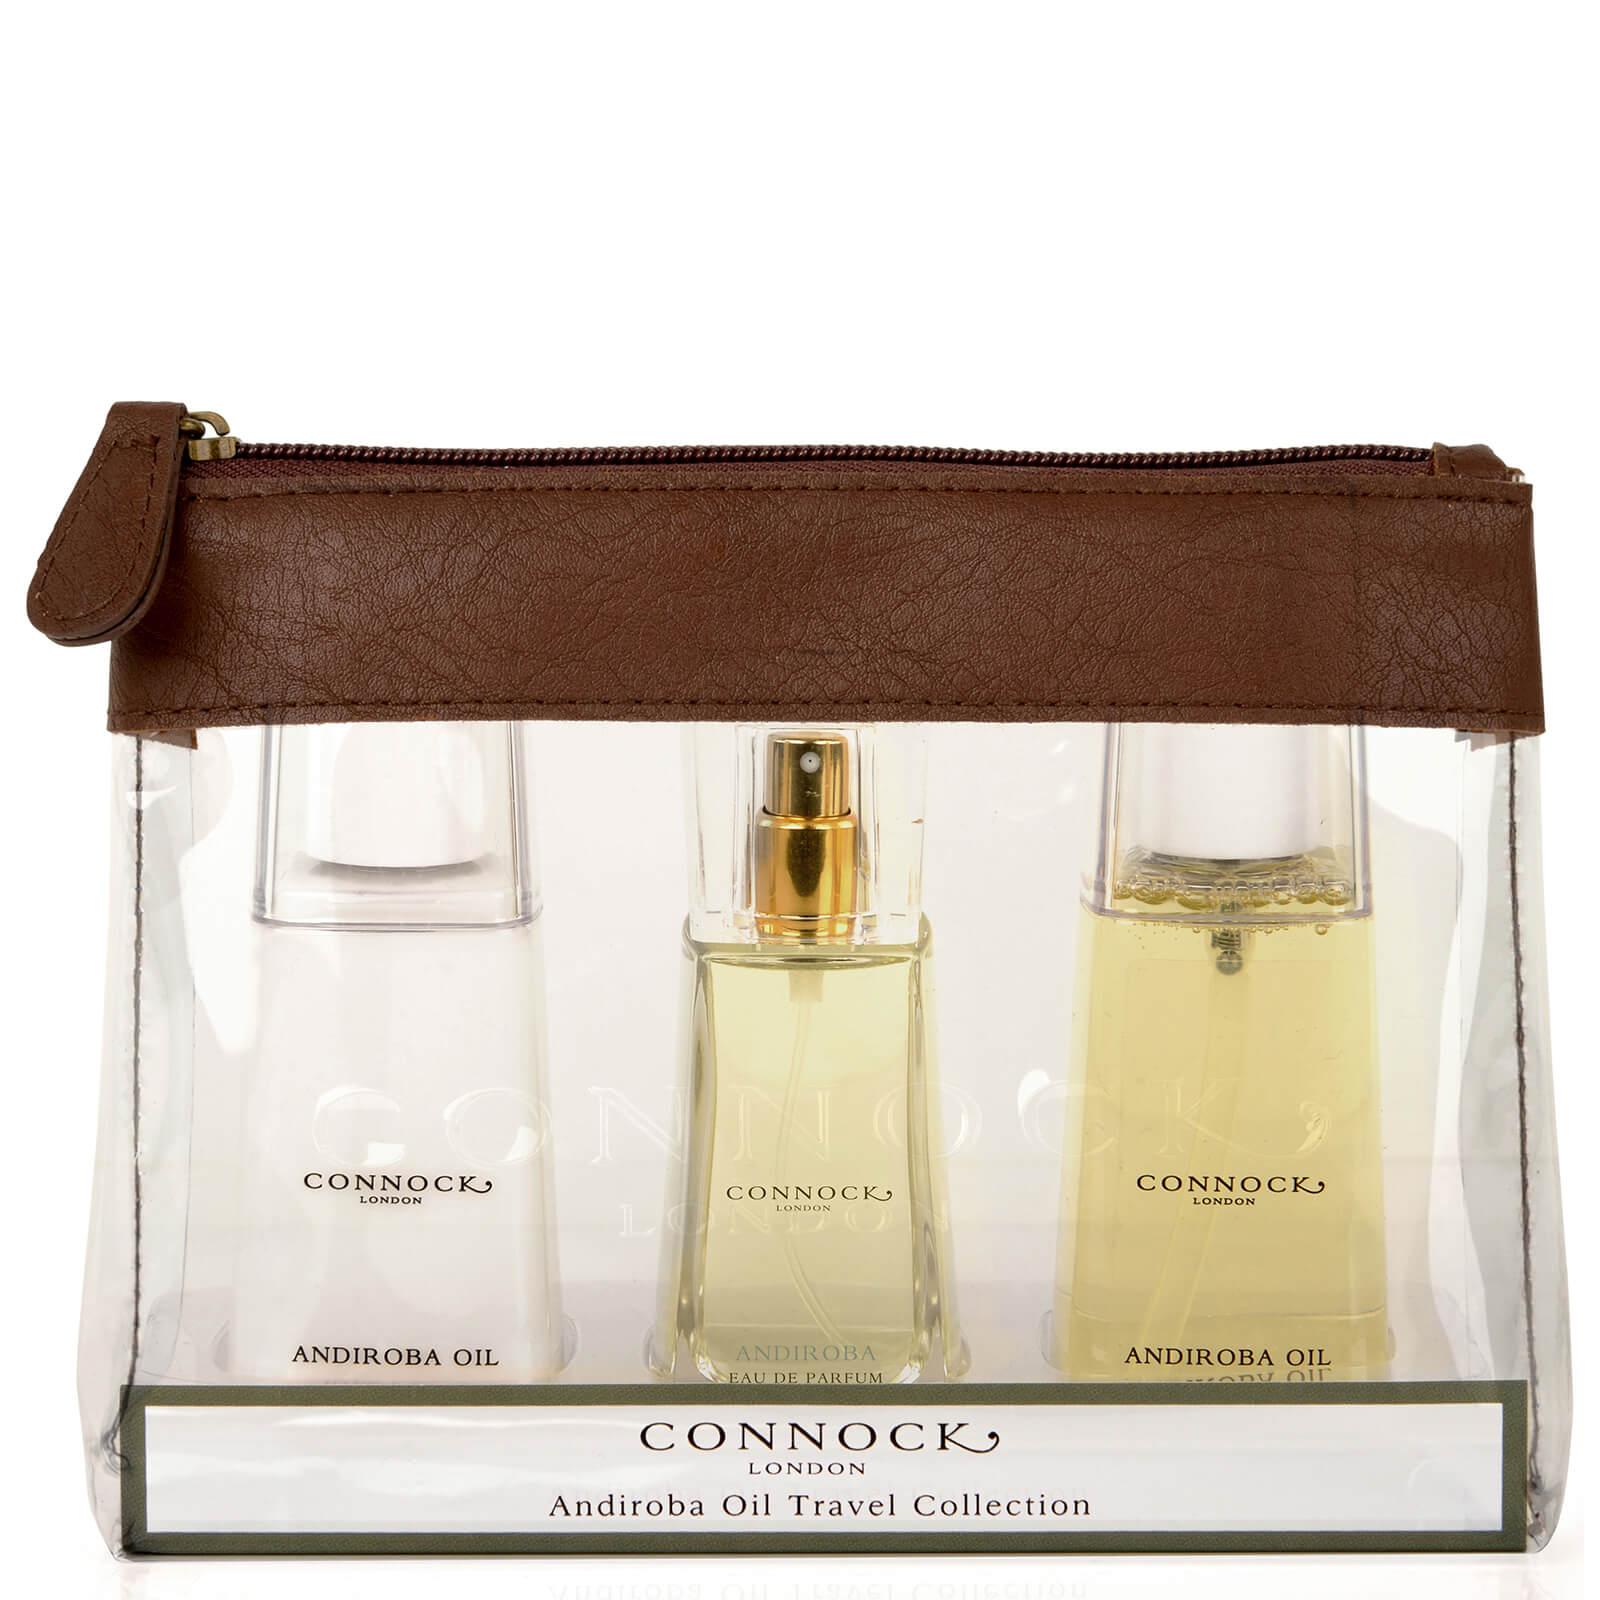 Connock London Andiroba Oil Travel Collection